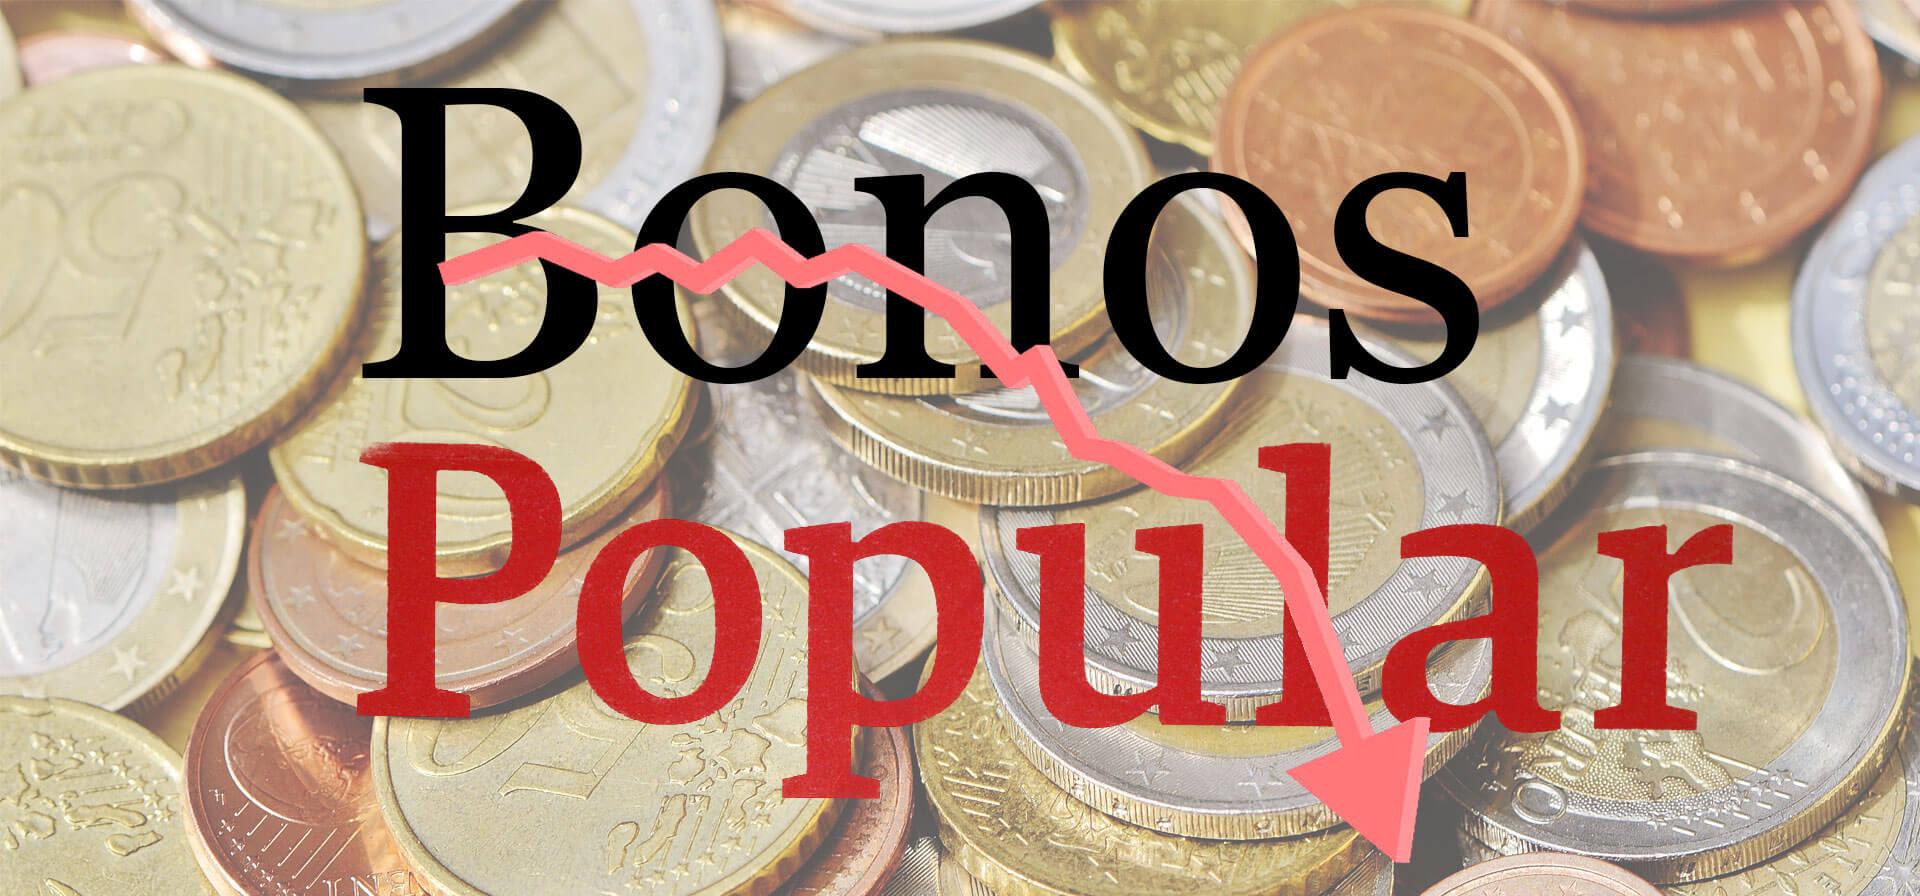 Bonos convertibles del banco popular el euro que sali for Documentacion para reclamar clausula suelo